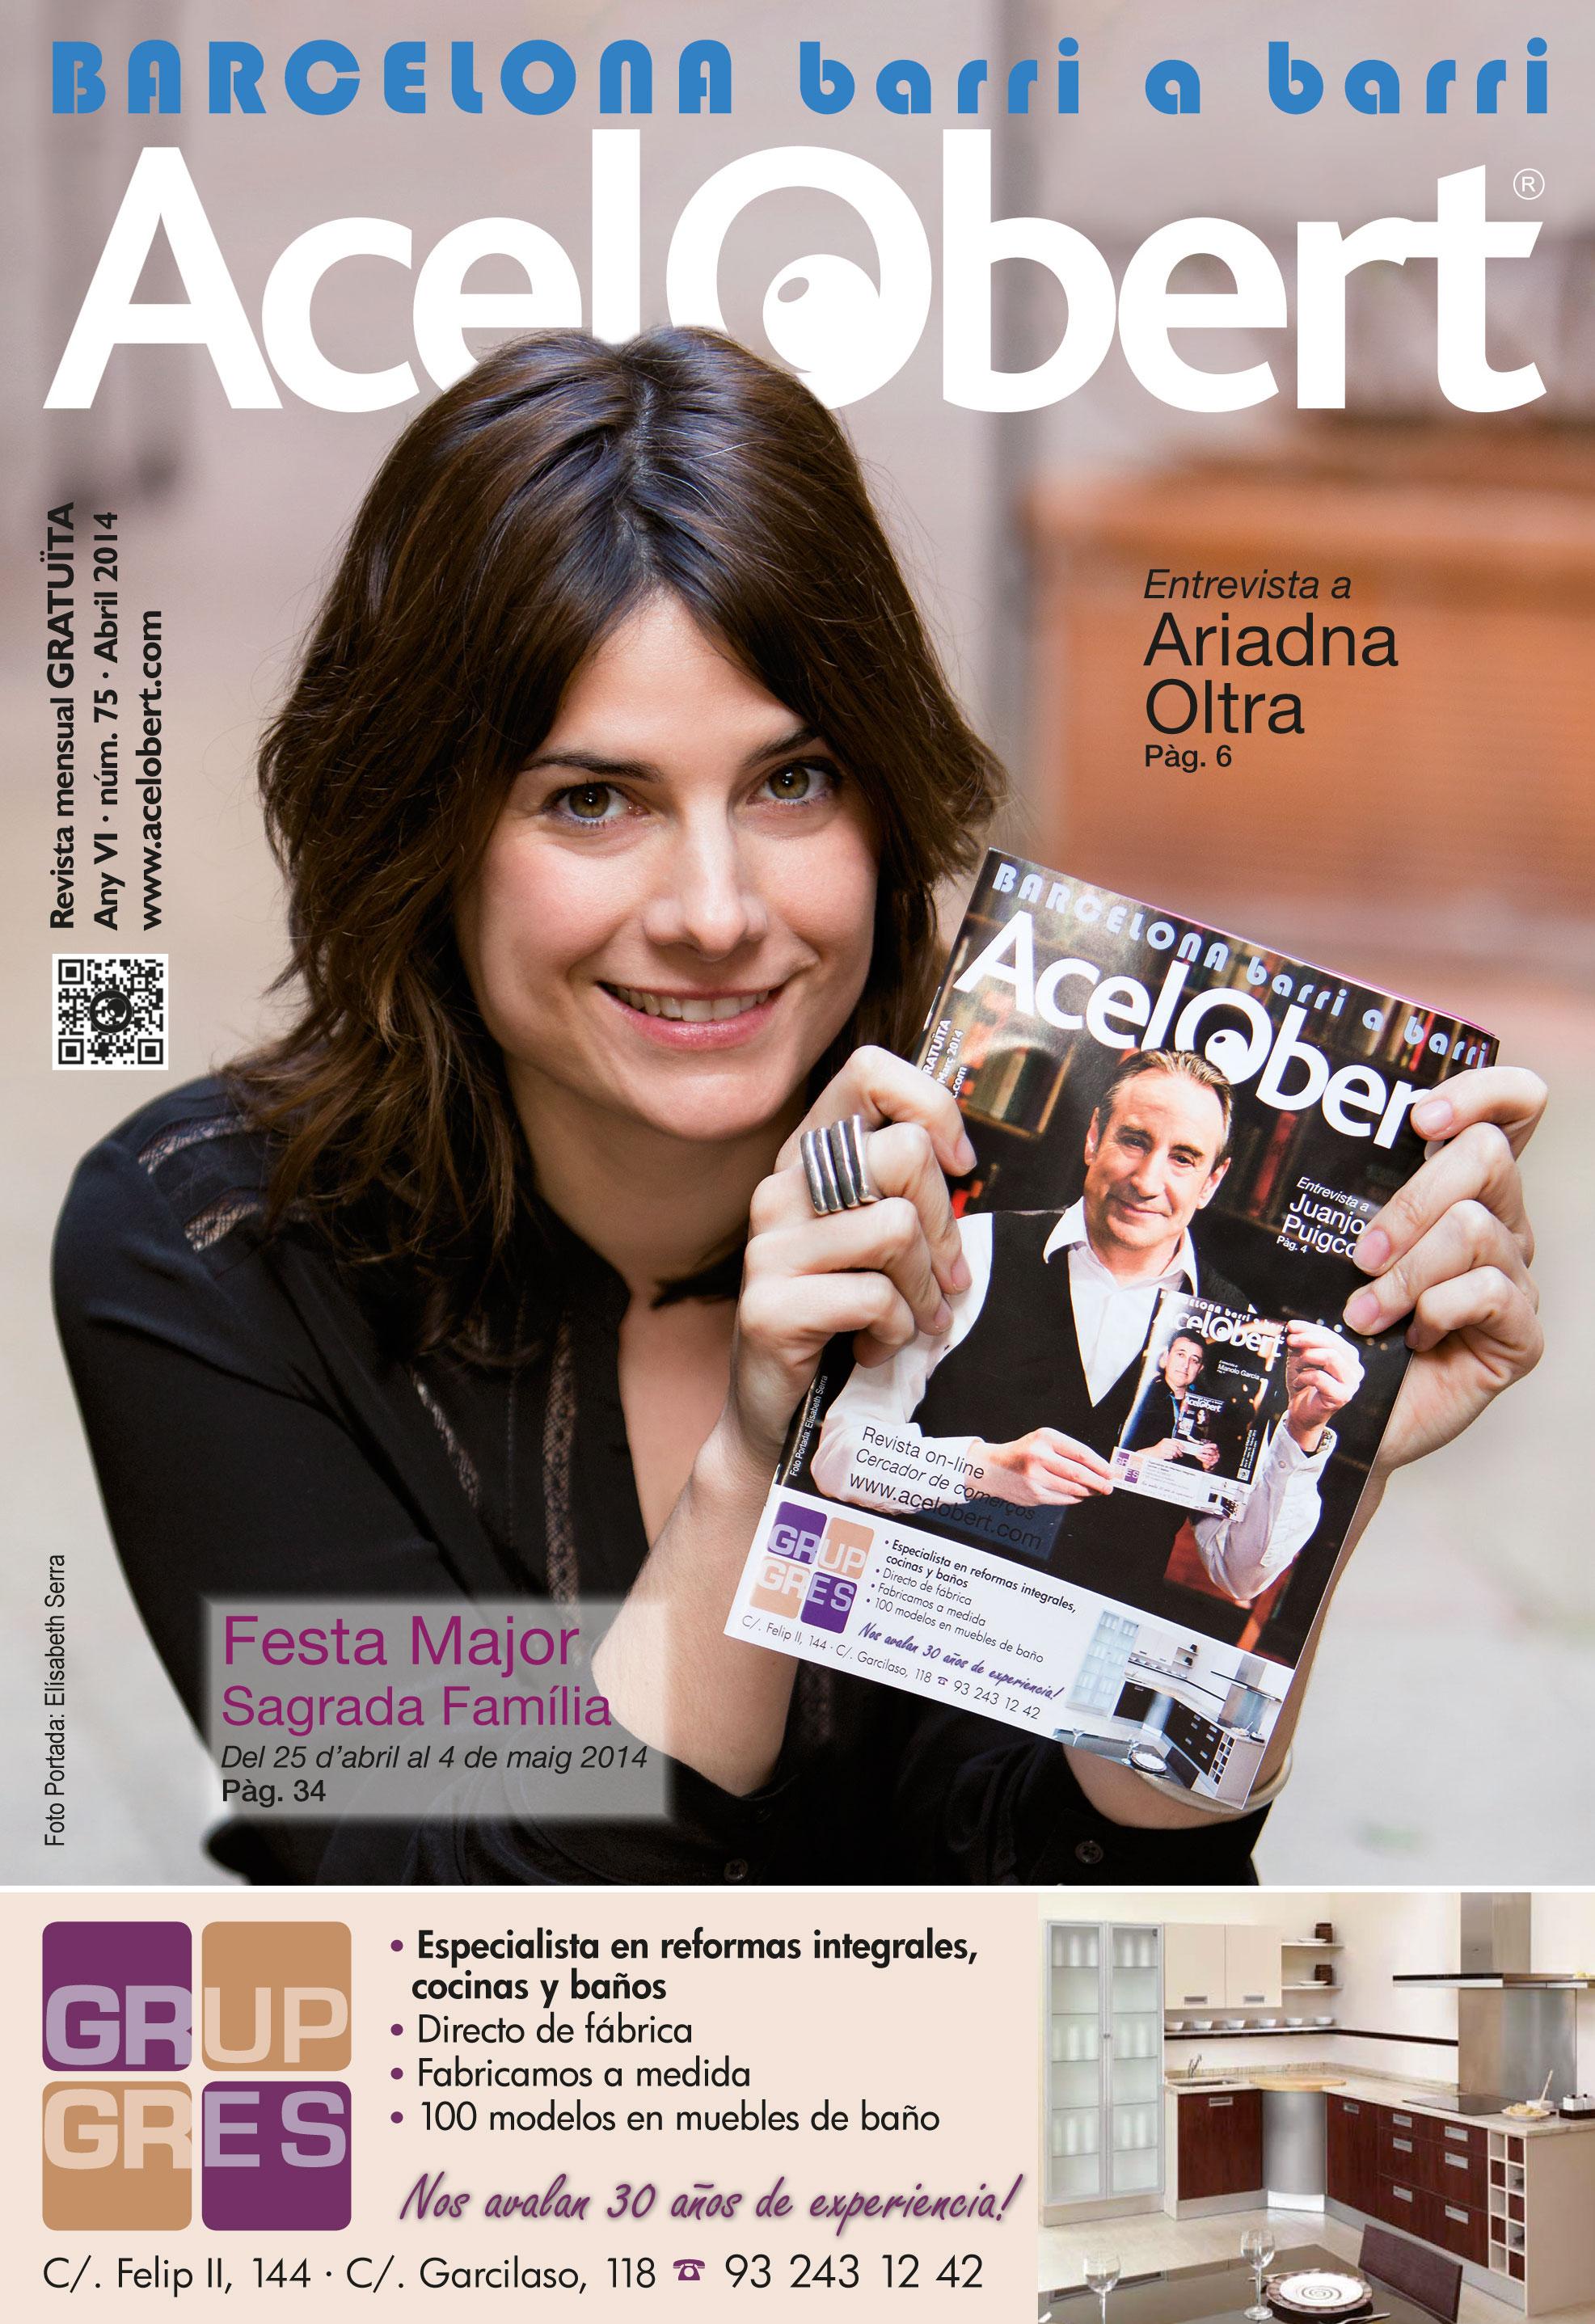 Acelobert Barcelona nº75 Abril 2014